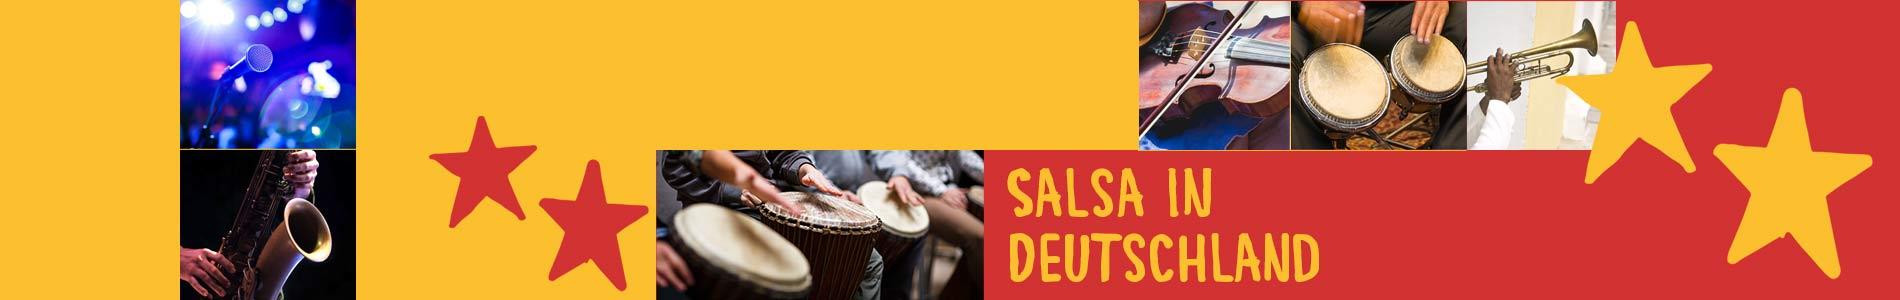 Salsa in Bötersen – Salsa lernen und tanzen, Tanzkurse, Partys, Veranstaltungen